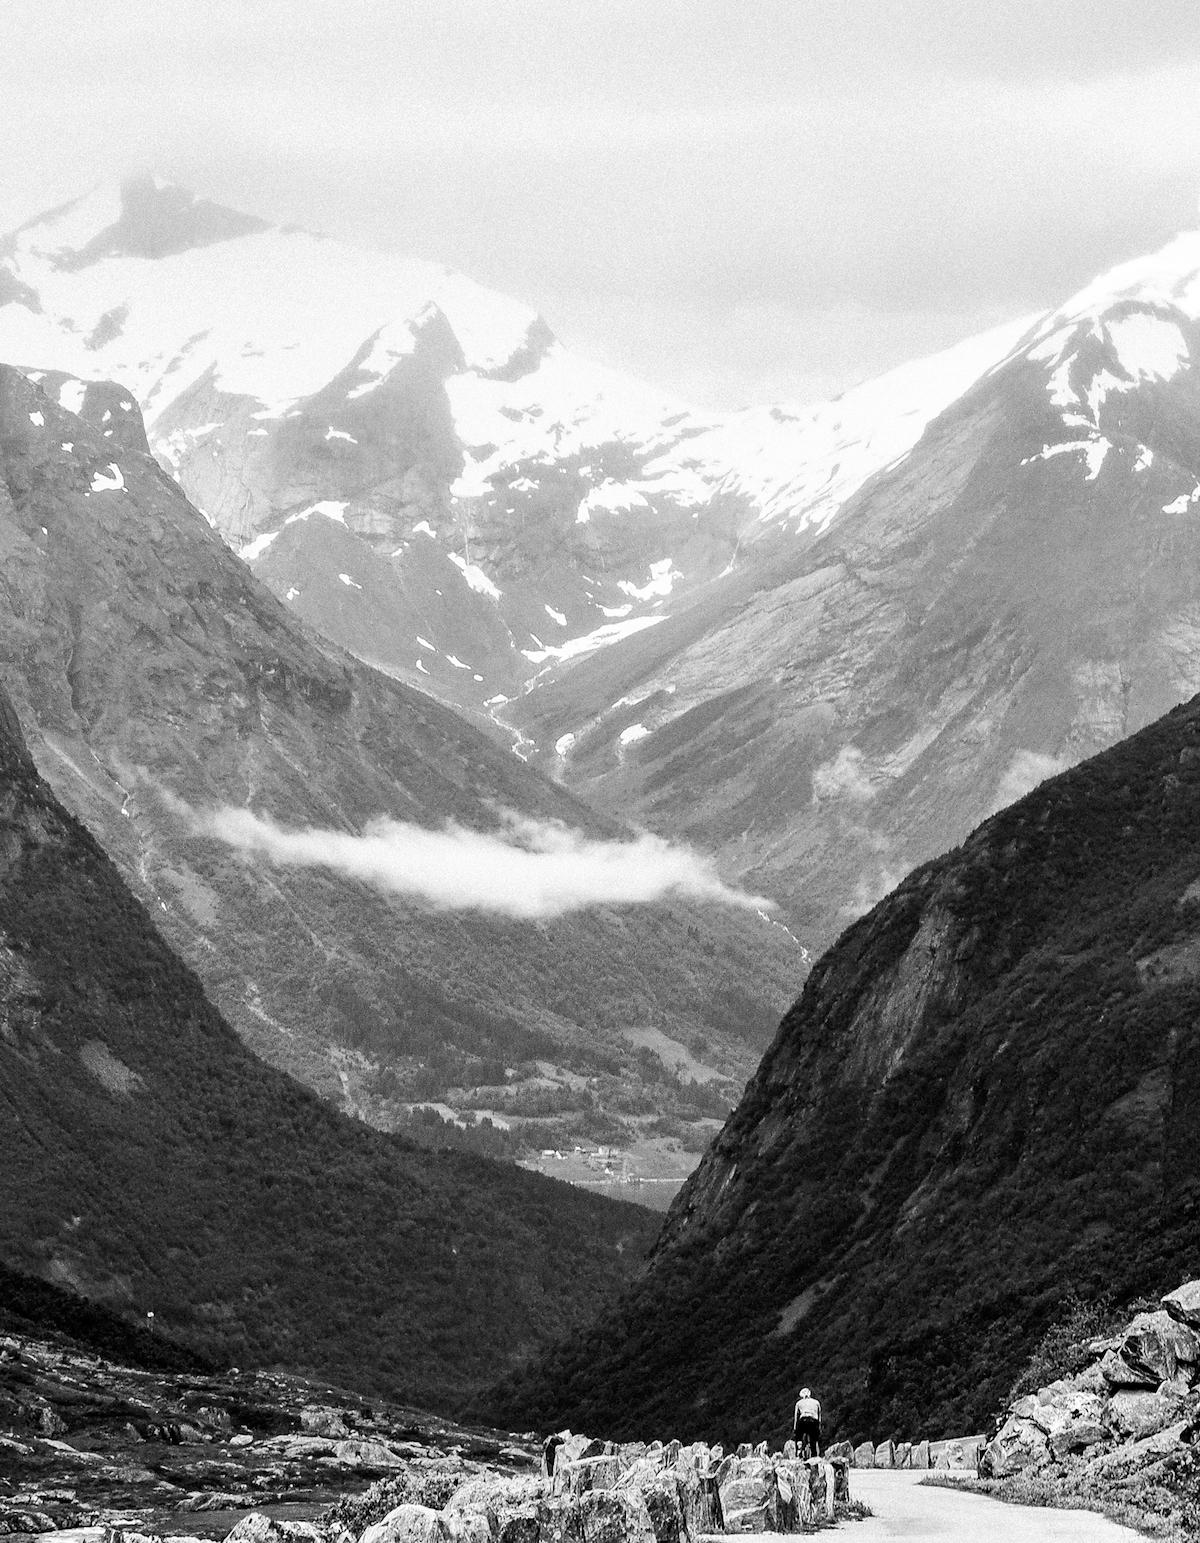 Dype daler - Norge er høye fjell og trange fjorder. I overgangene mellom fjord og vidde finner du dalene, dype og mørke.